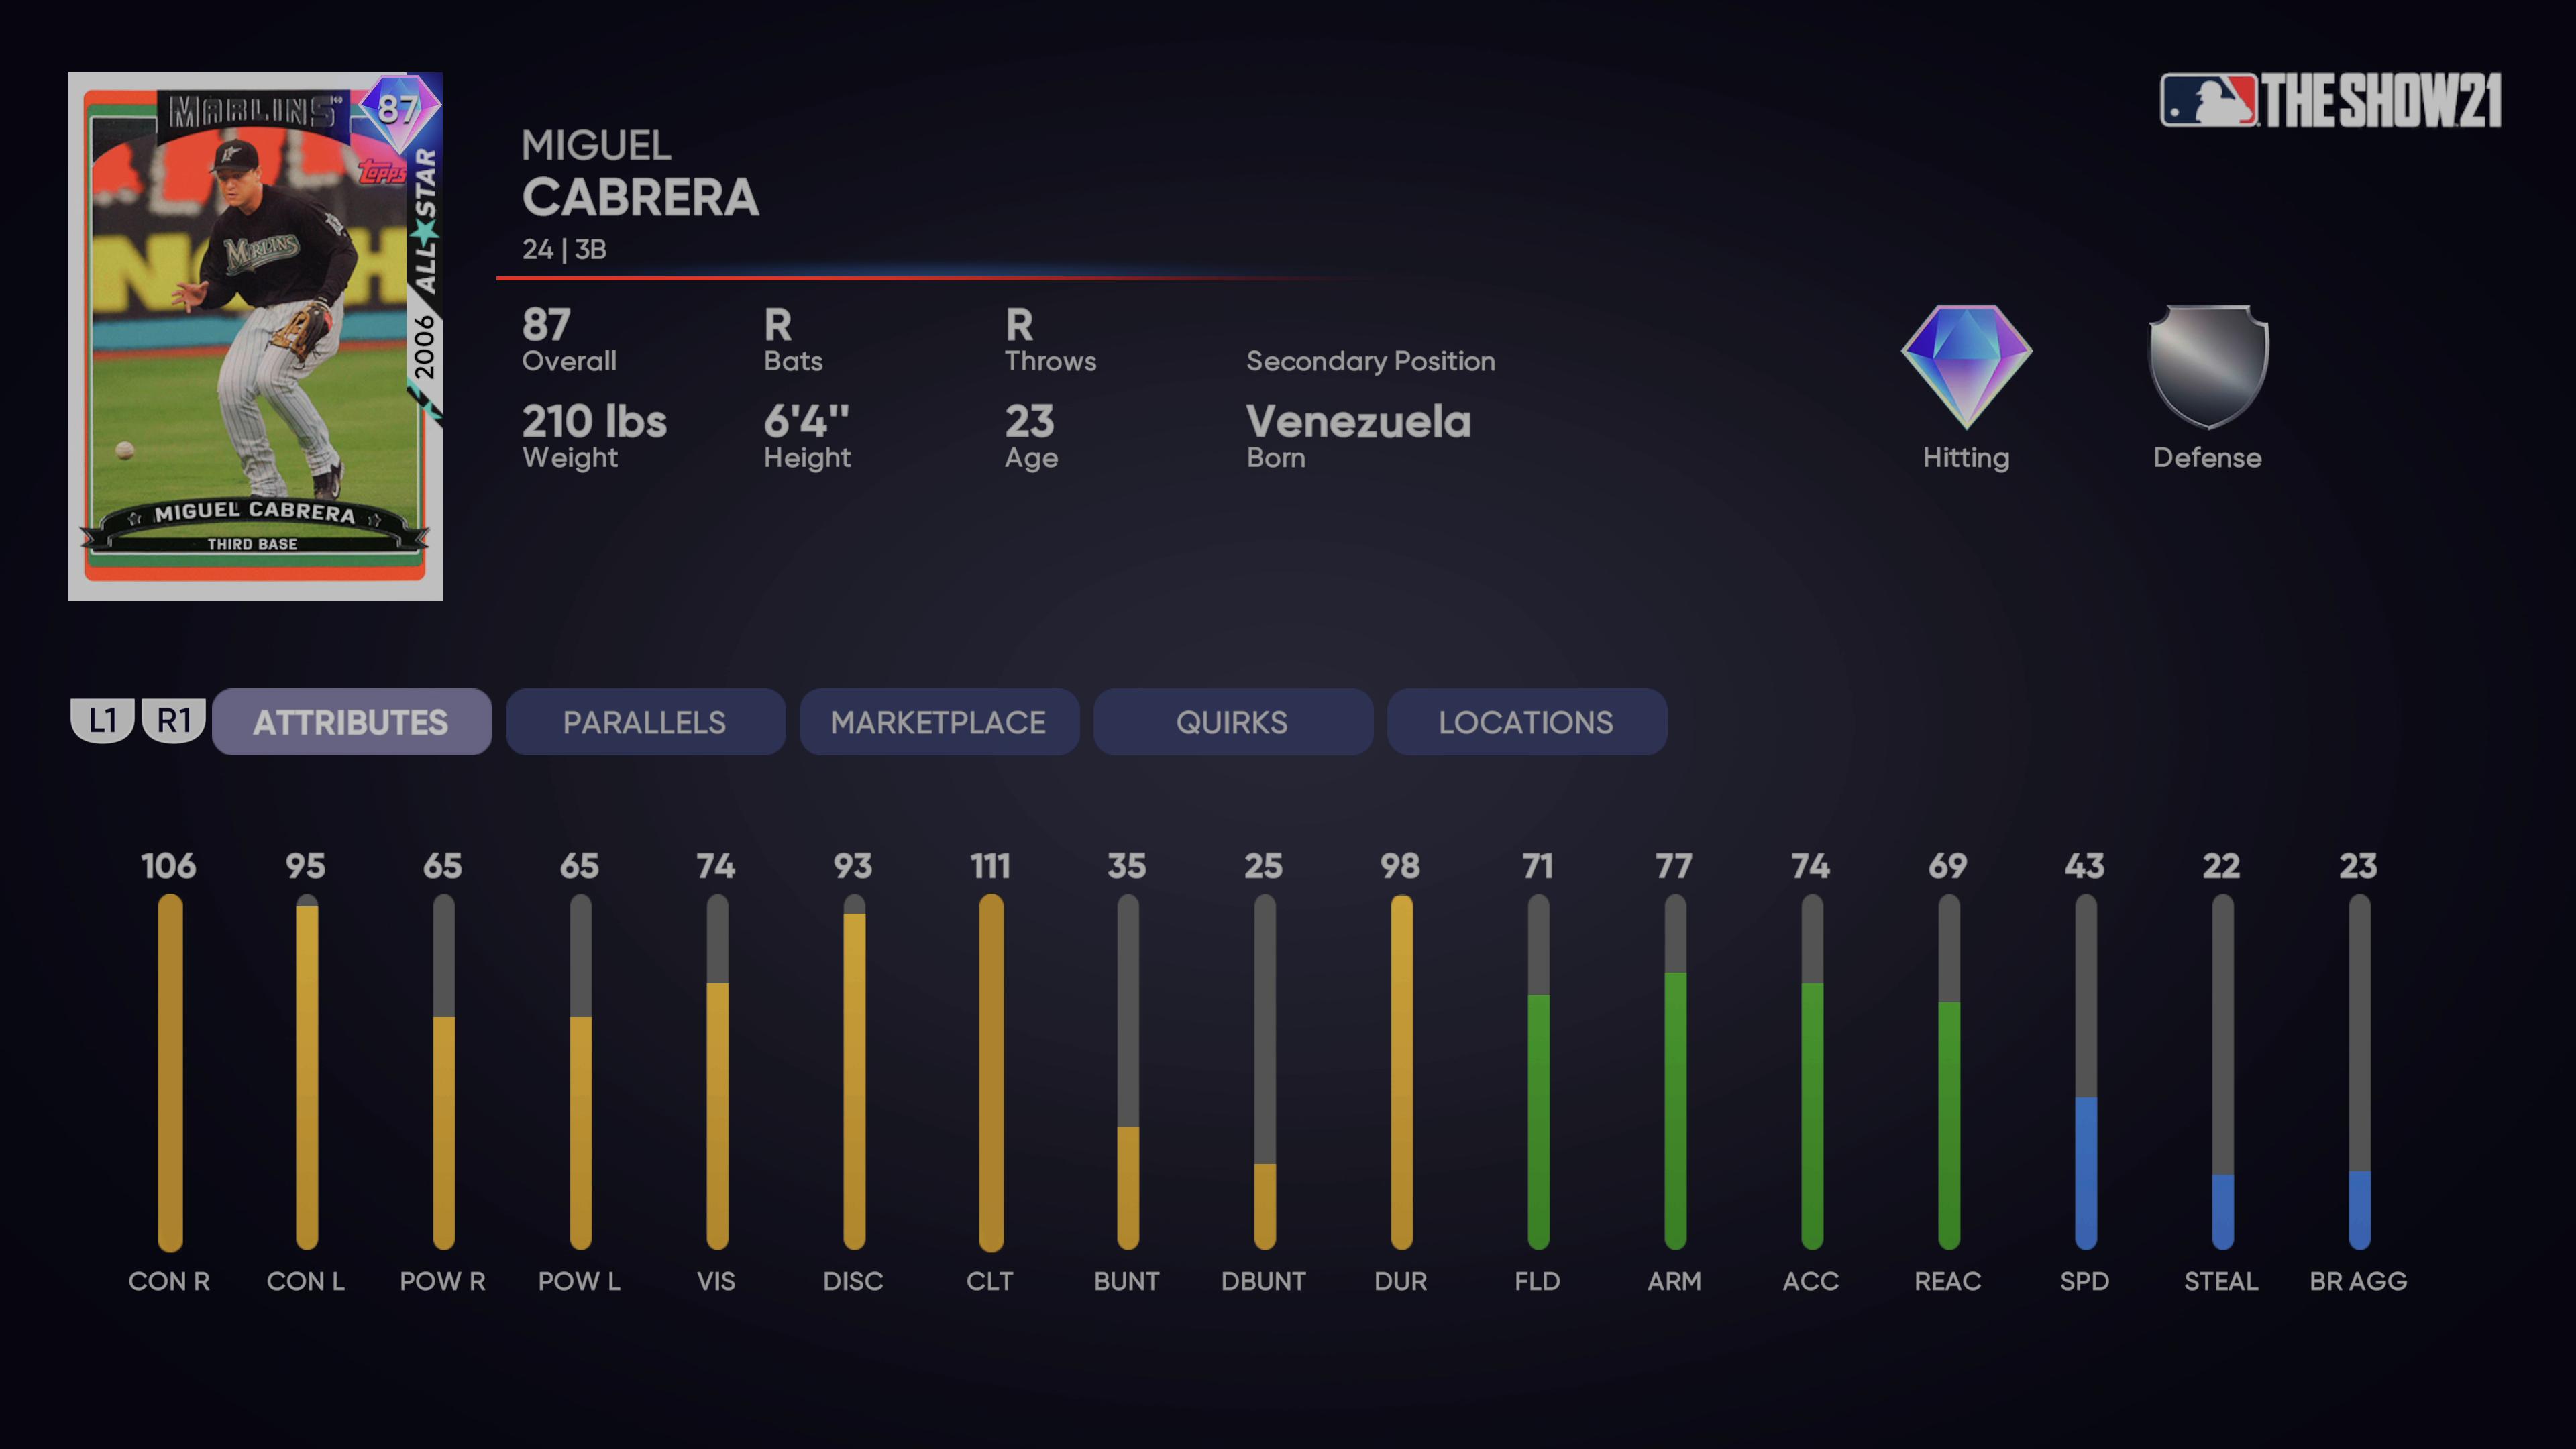 MLB The Show 21 - Milestone Miguel Cabrera_2021-08-23_15-32-29